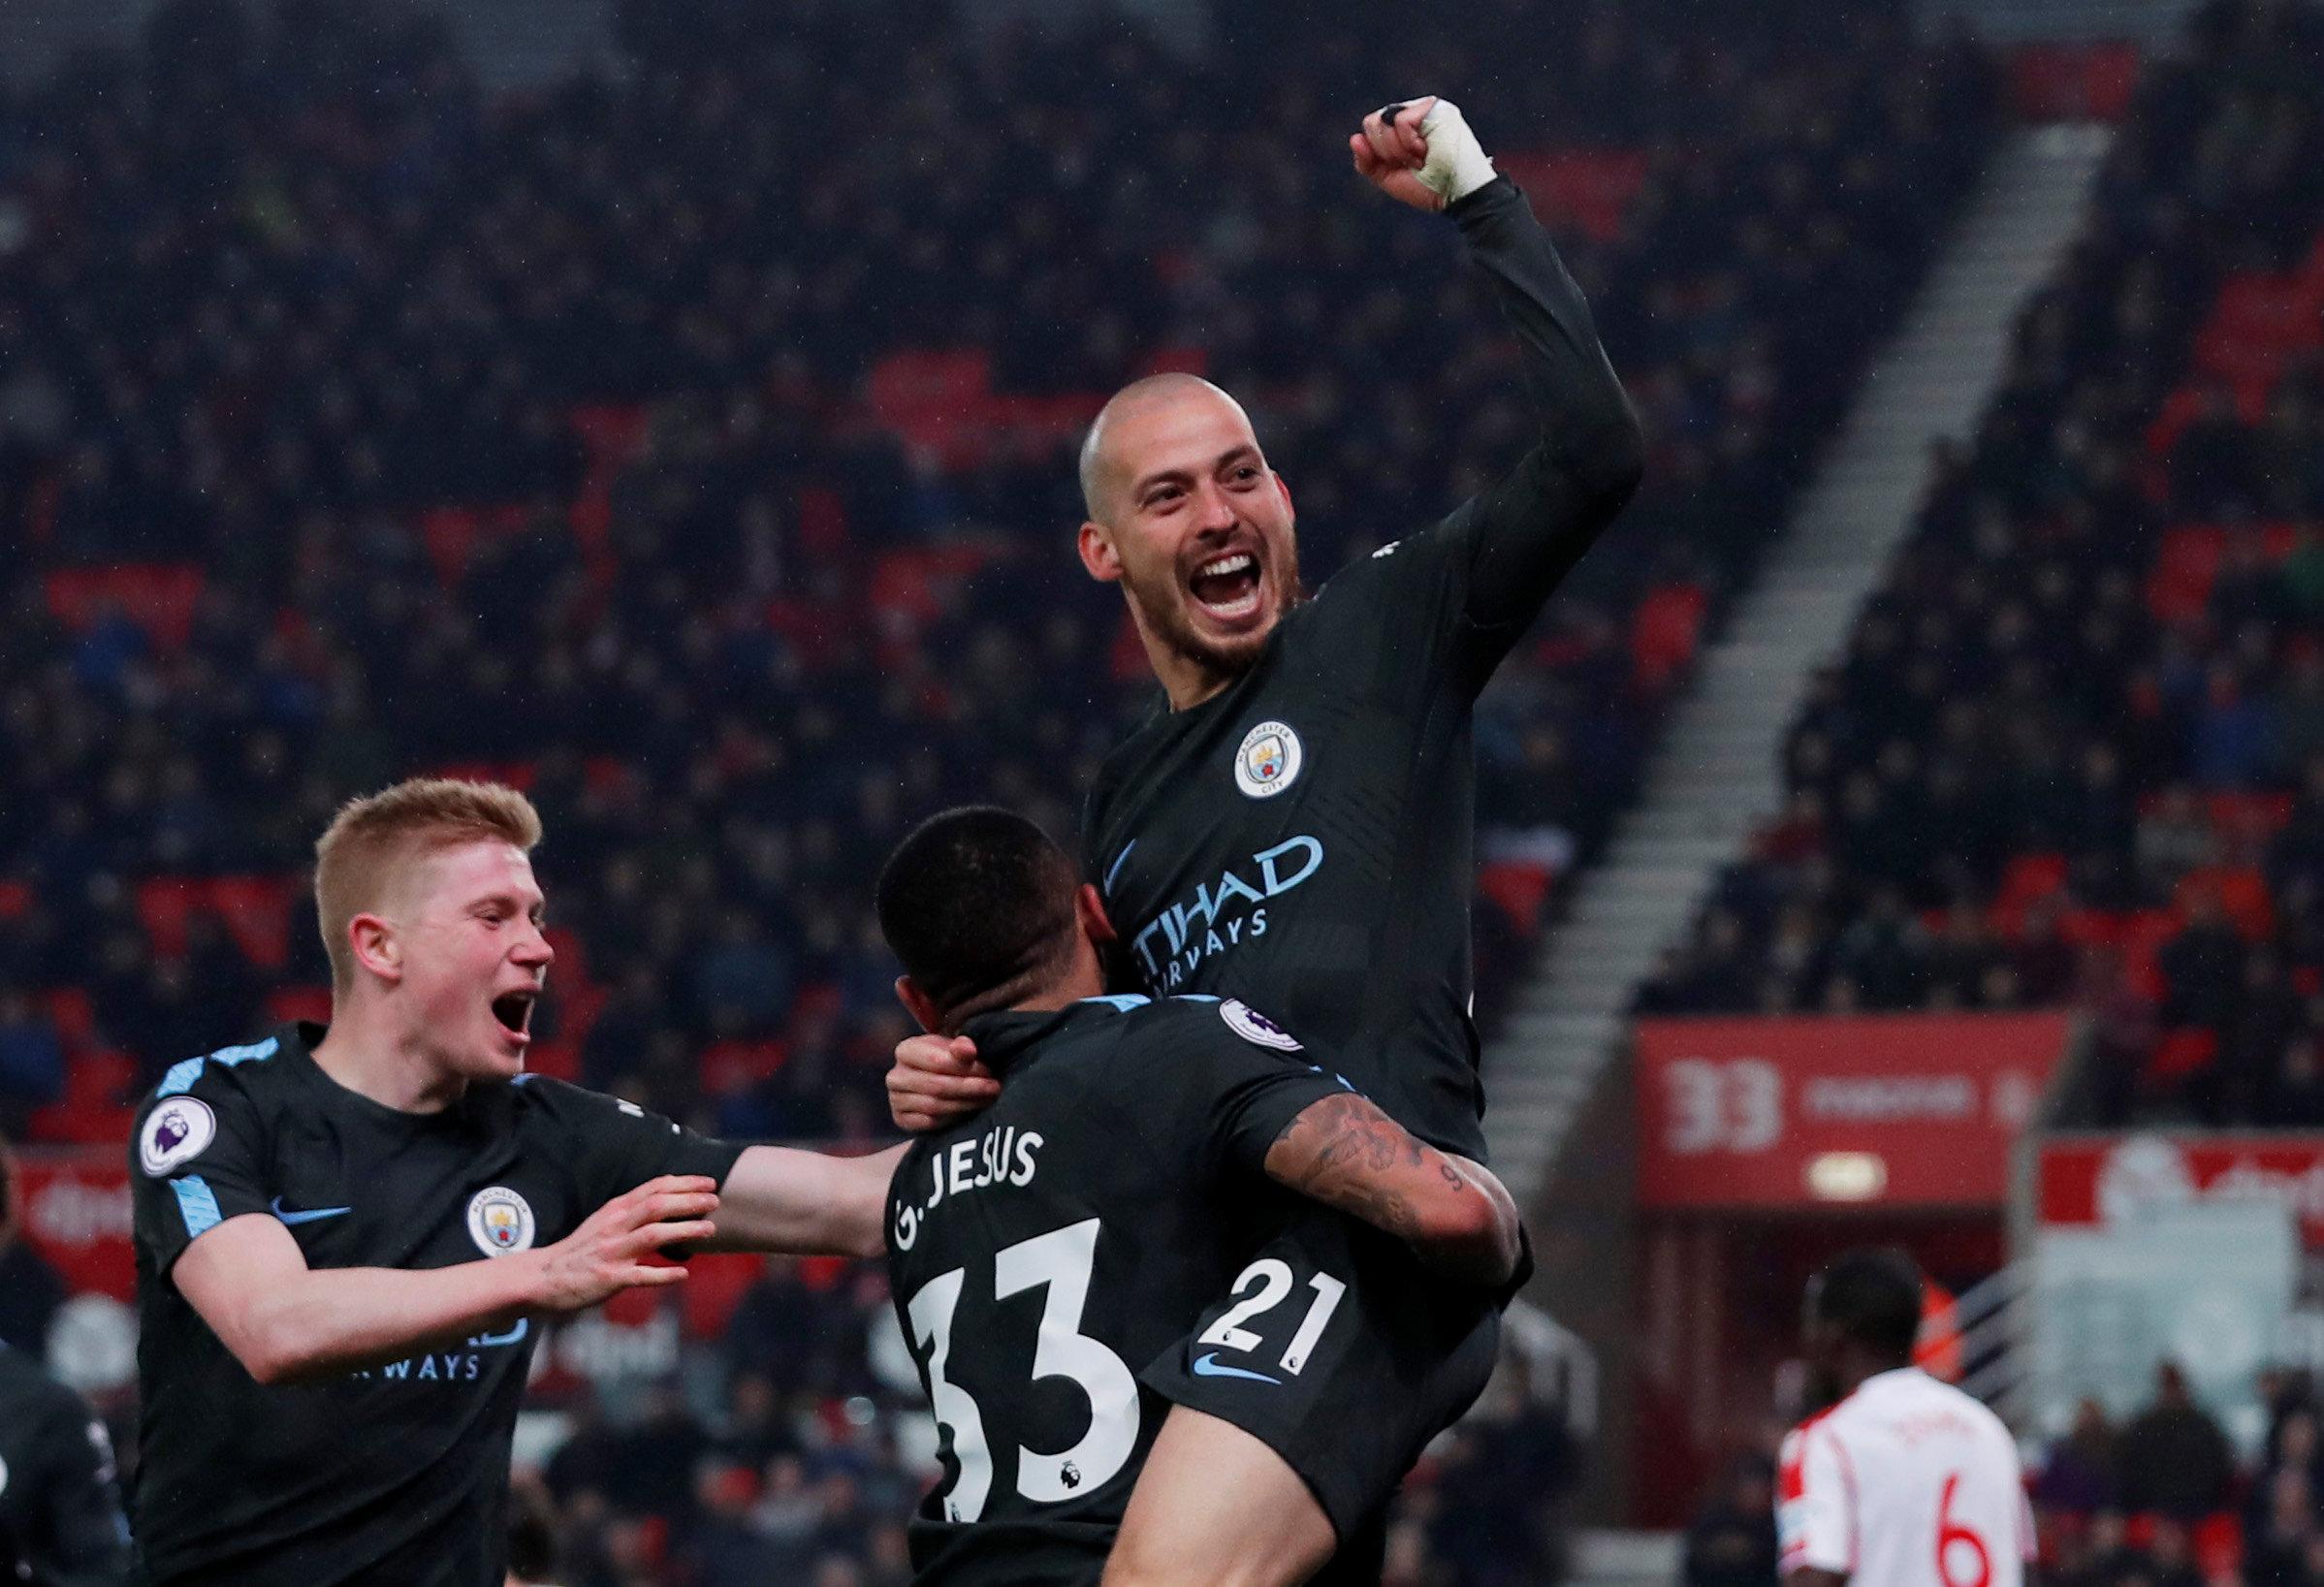 Niềm vui của Silva sau khi nâng tỉ số lên 2-0 cho M.C. Ảnh: REUTERS